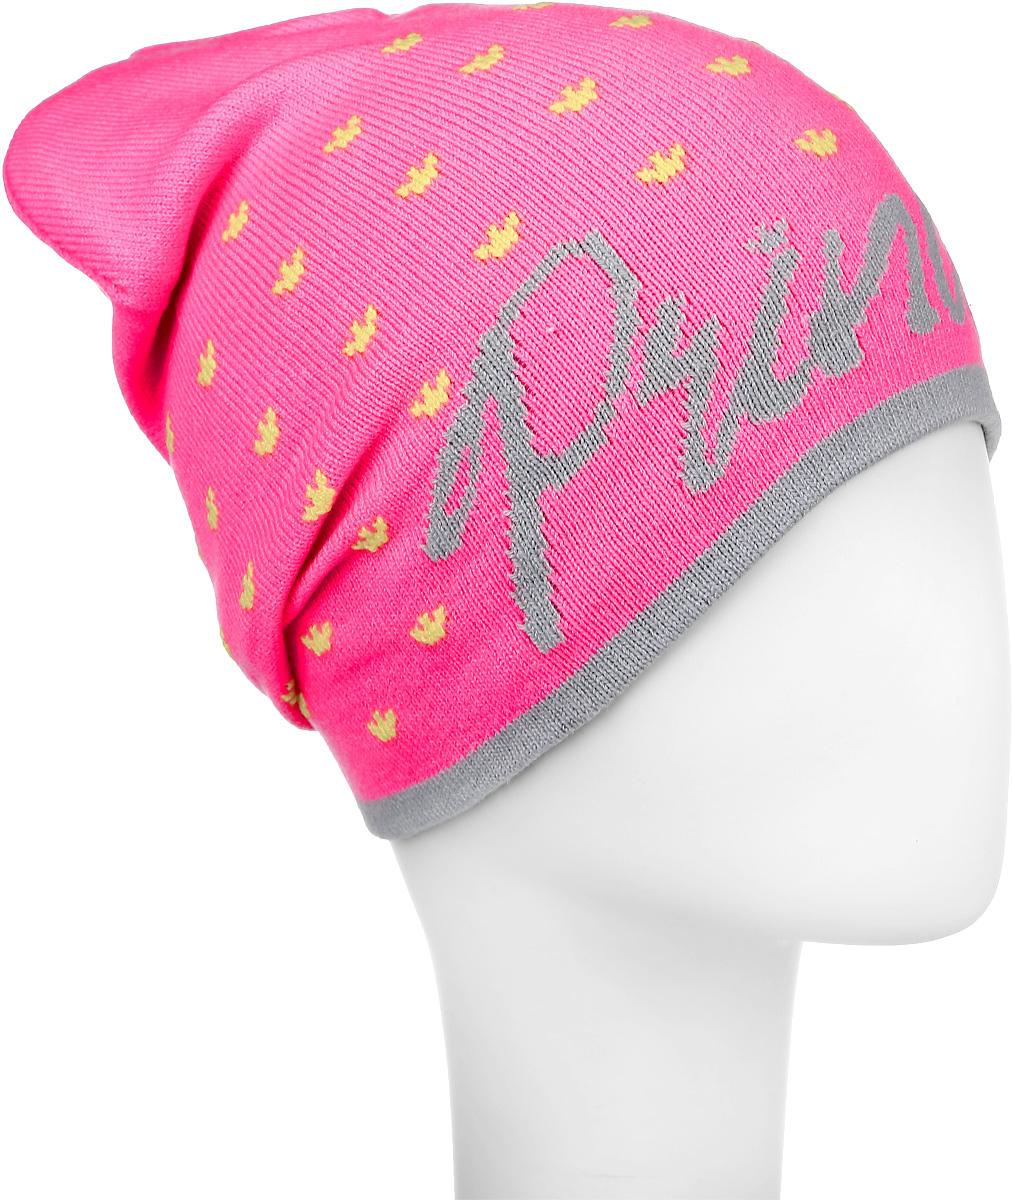 ШапкаRFH6614/3Яркая шапка Elfrio выполнена из высококачественного акрила и эластана. Модель оформлена оригинальным принтом с изображением корон и надписью Princess. Уважаемые клиенты! Размер, доступный для заказа, является обхватом головы.